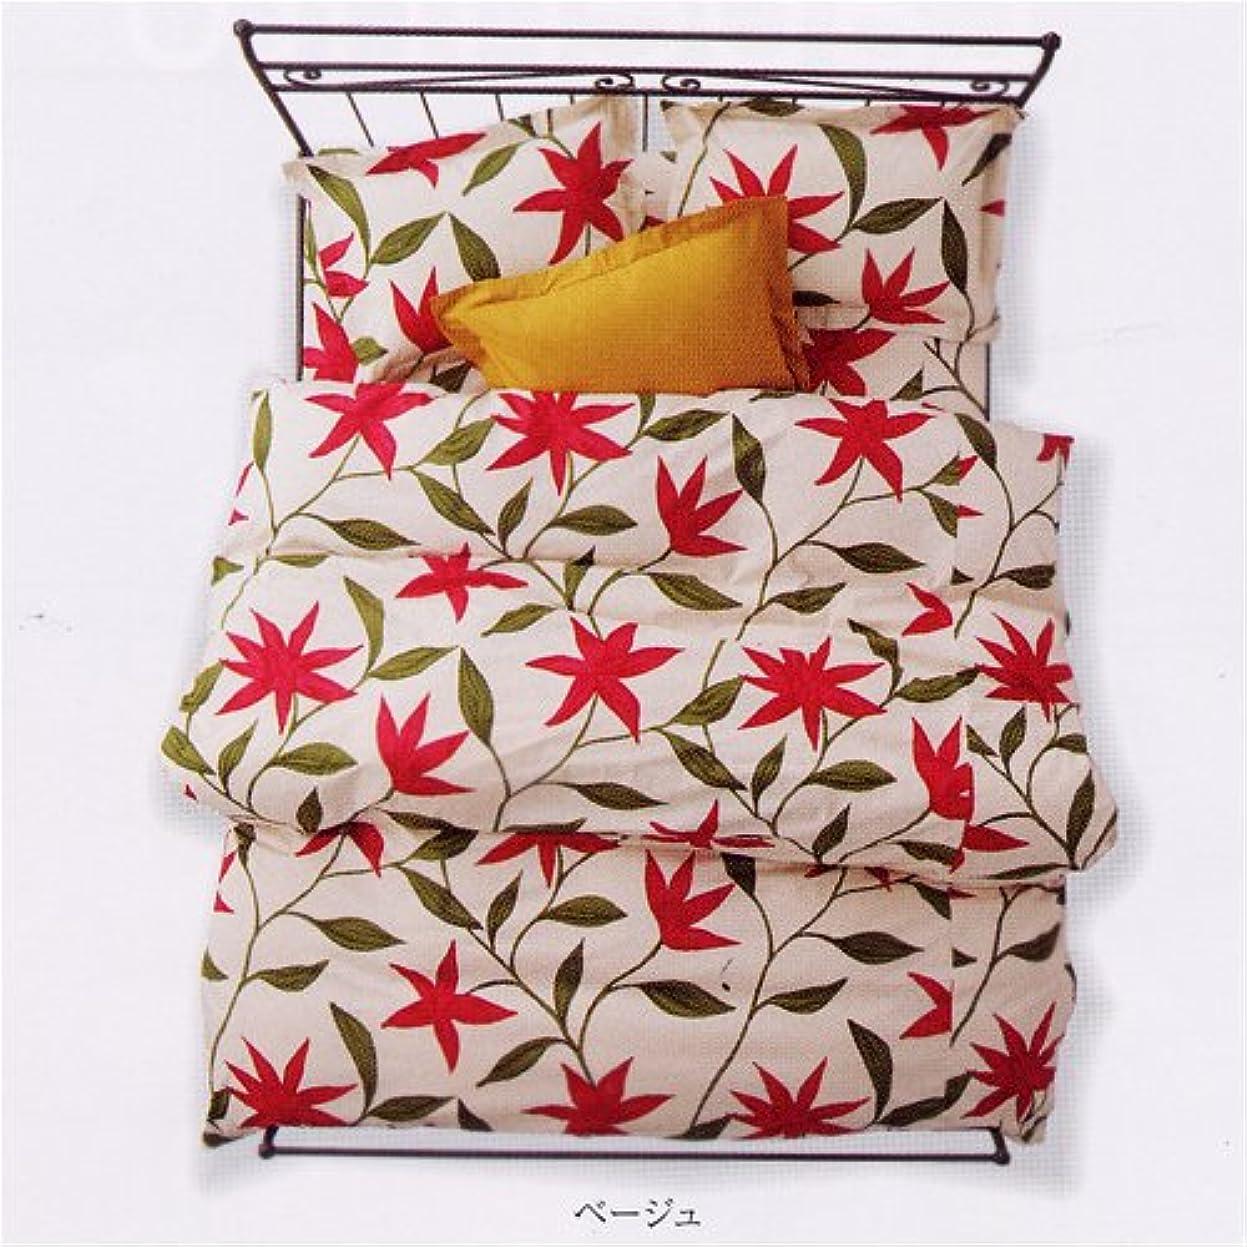 脚変位補足【 Sybilla 】 シビラ 『フローレス』枕カバー ピロケース 43cm × 63cm ベージュ 日本製